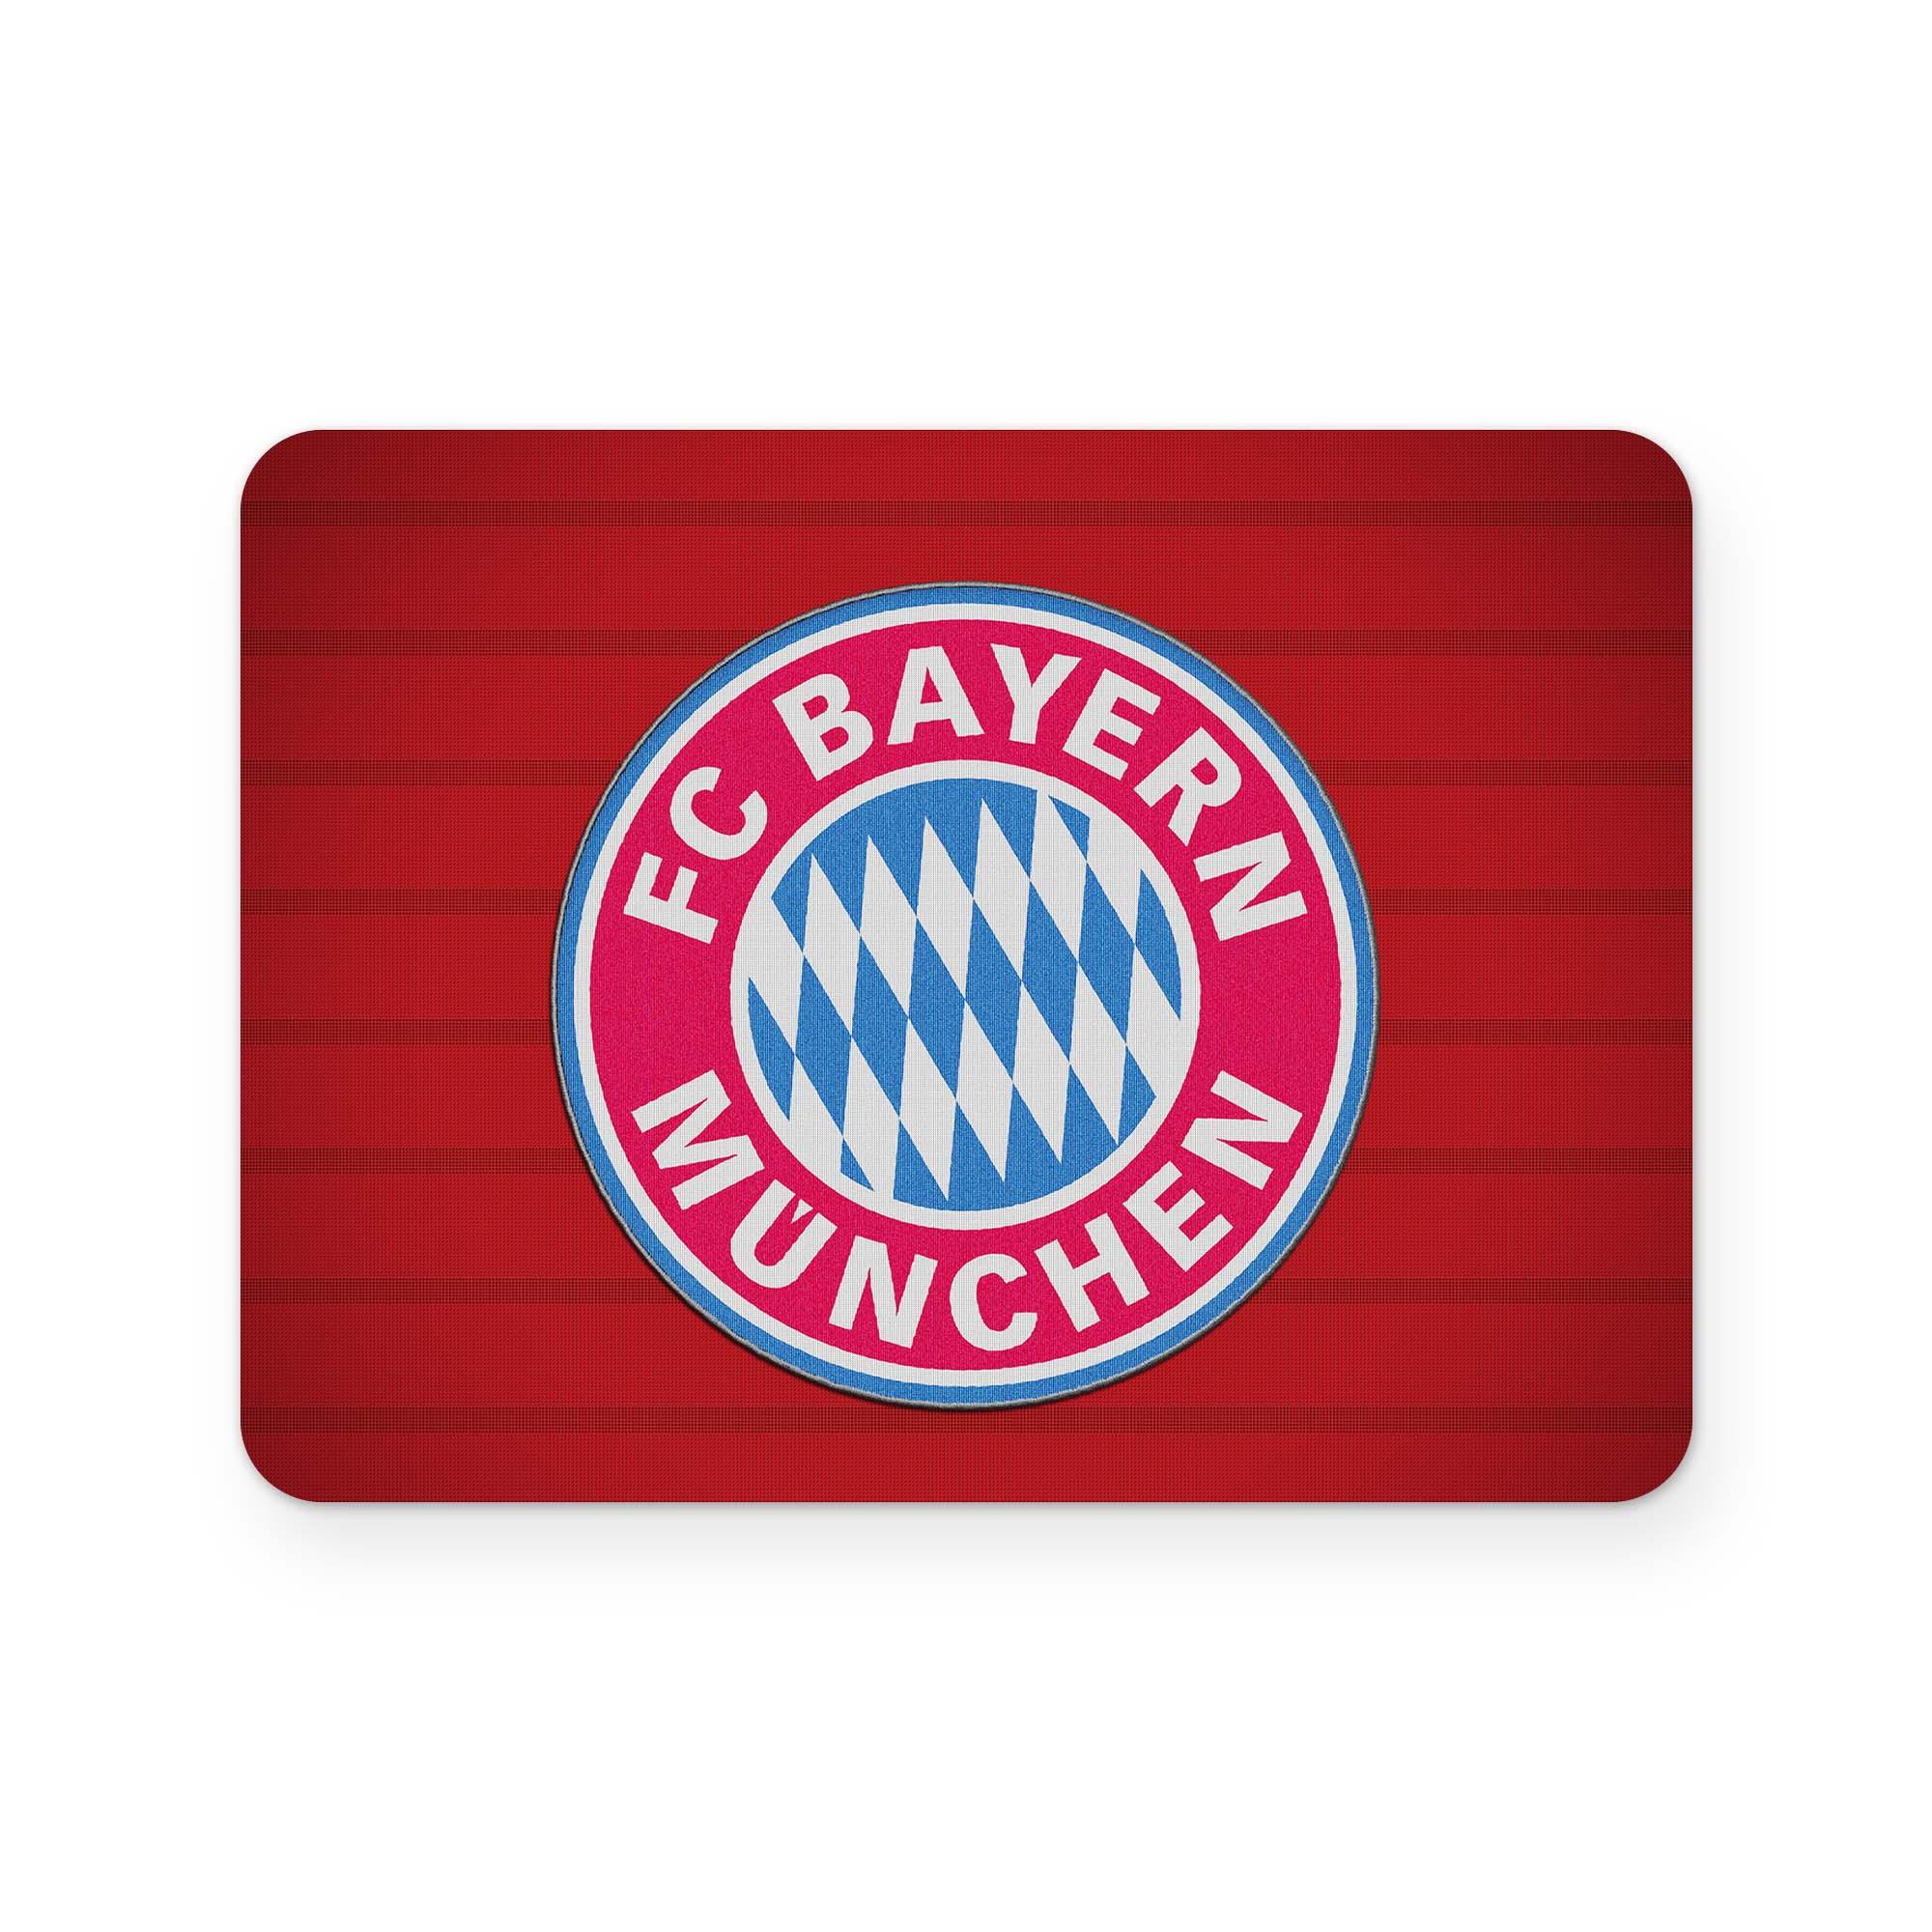 بررسی و {خرید با تخفیف}                                     برچسب تاچ پد دسته پلی استیشن 4 ونسونی طرح Bayern Munchenبسته 2 عددی                             اصل